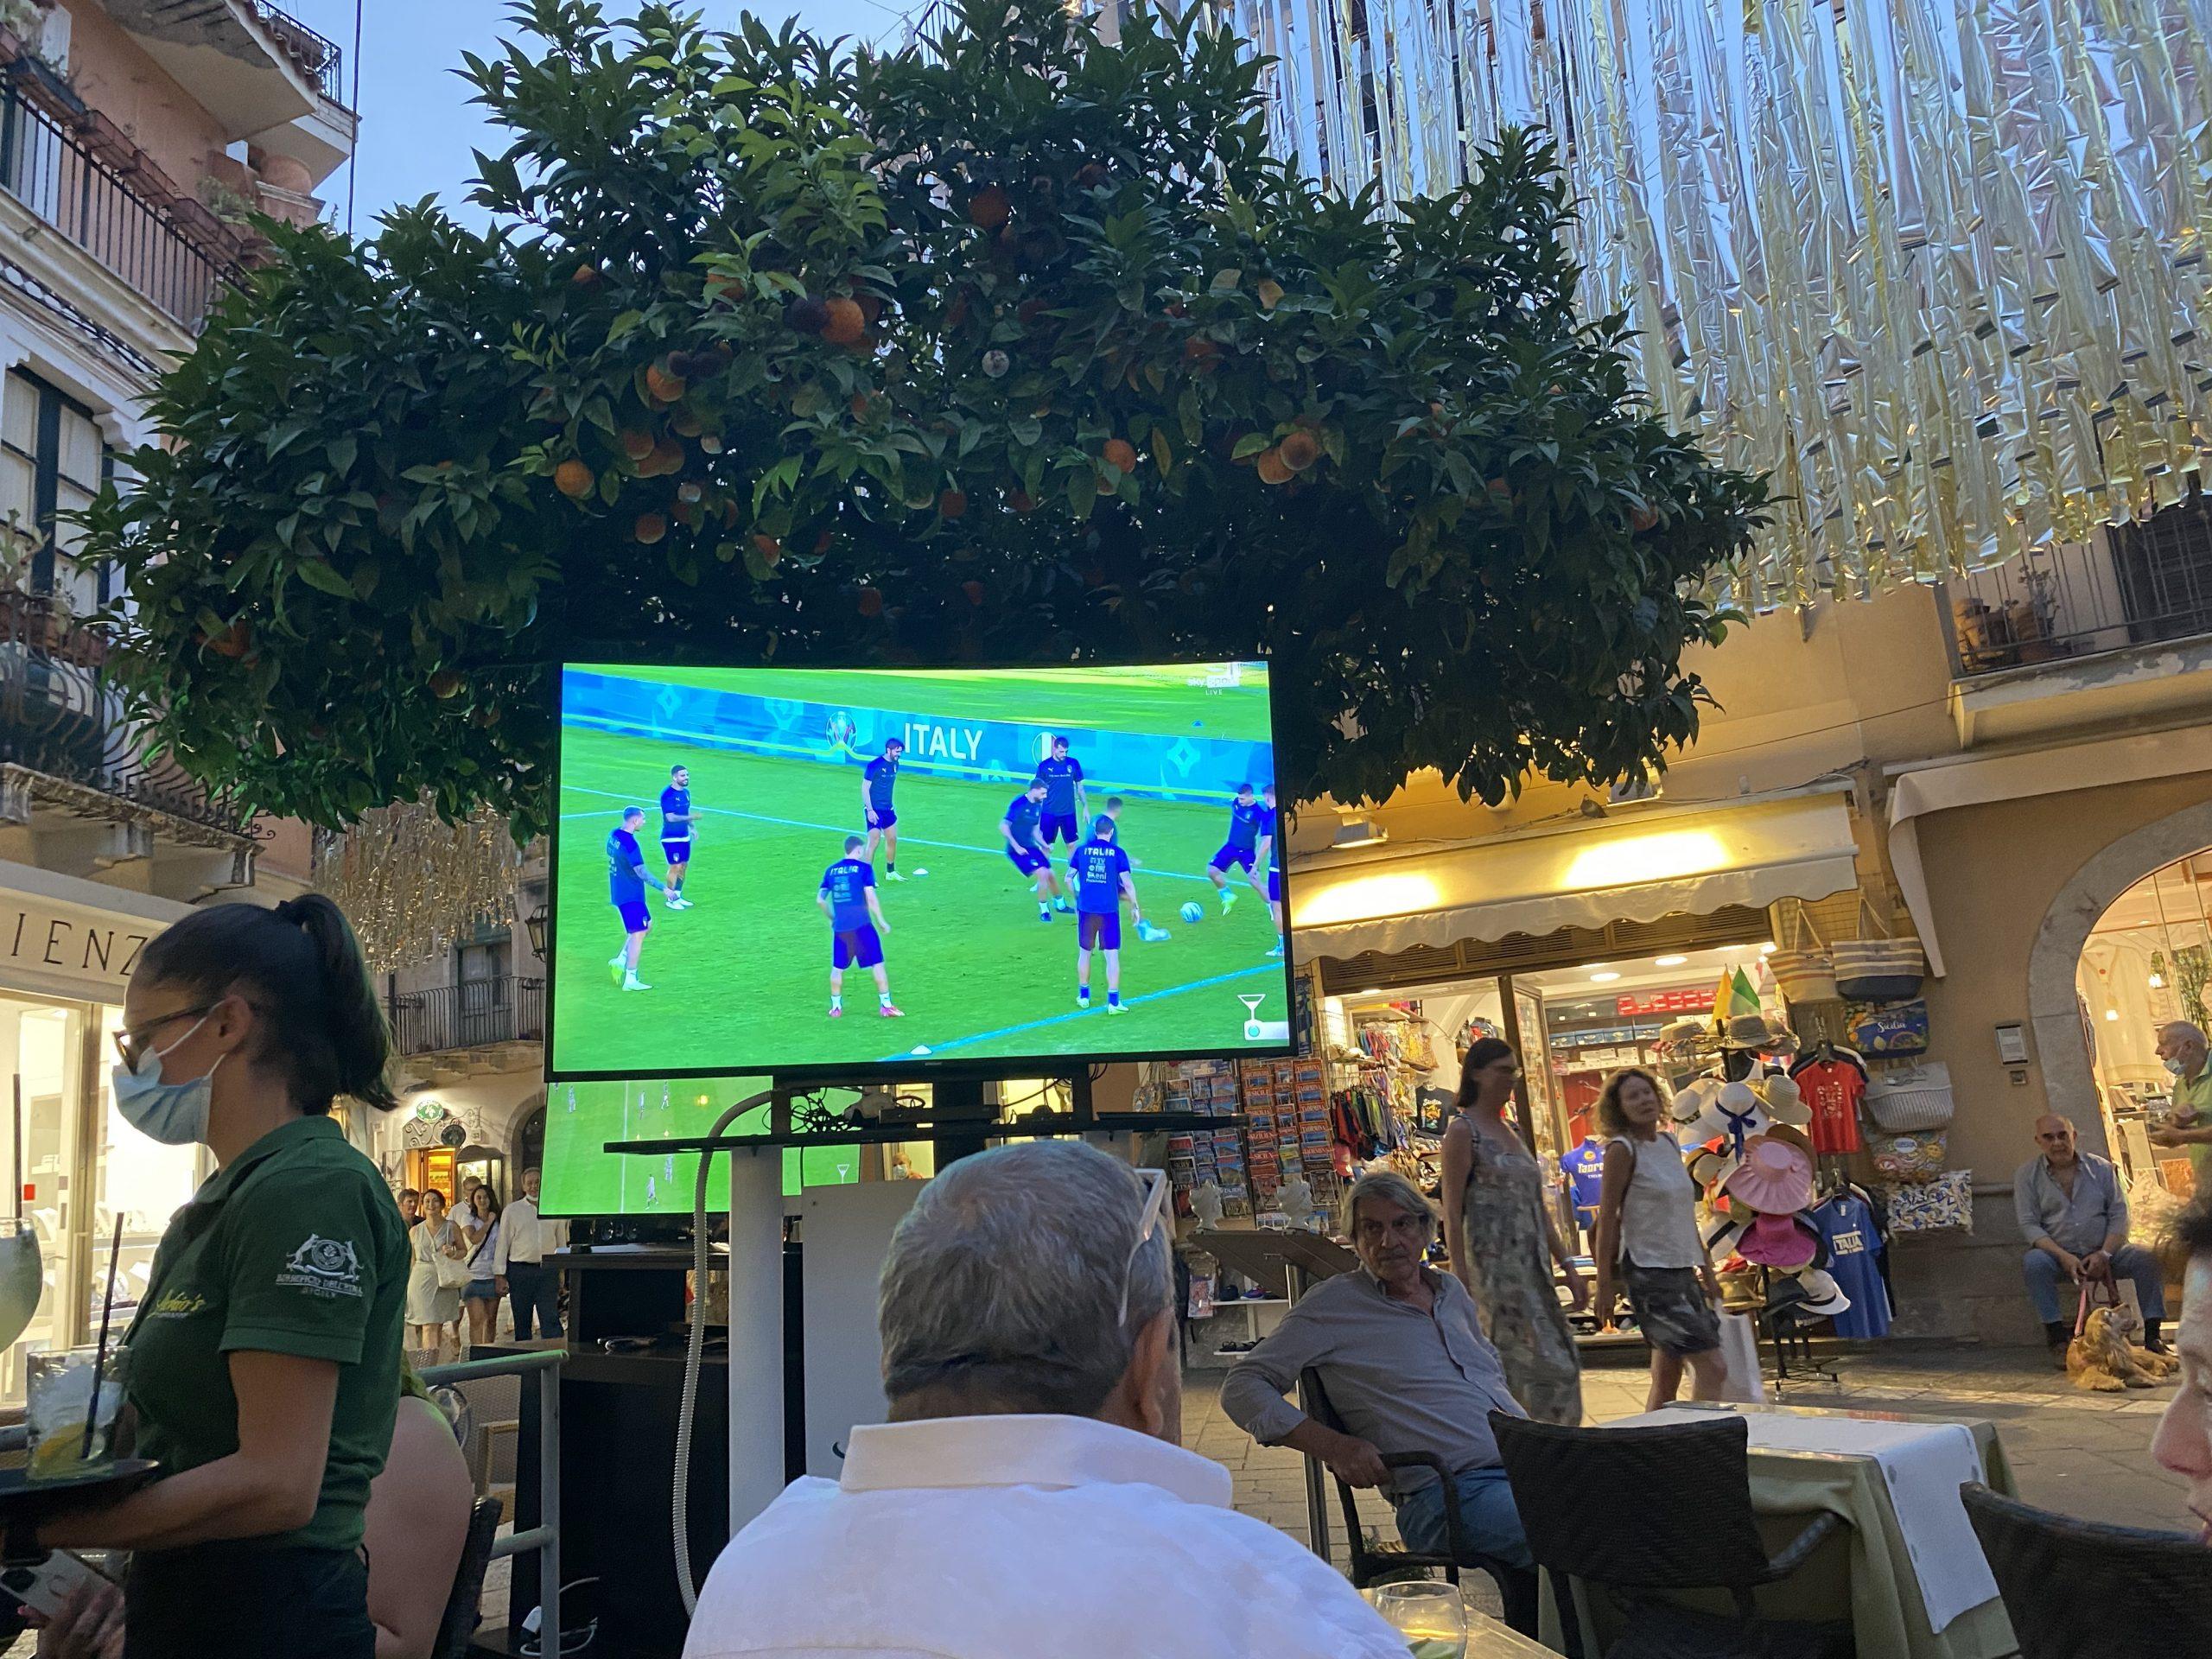 Voetbal kijken op het terras van Licchio's bar in Taormina